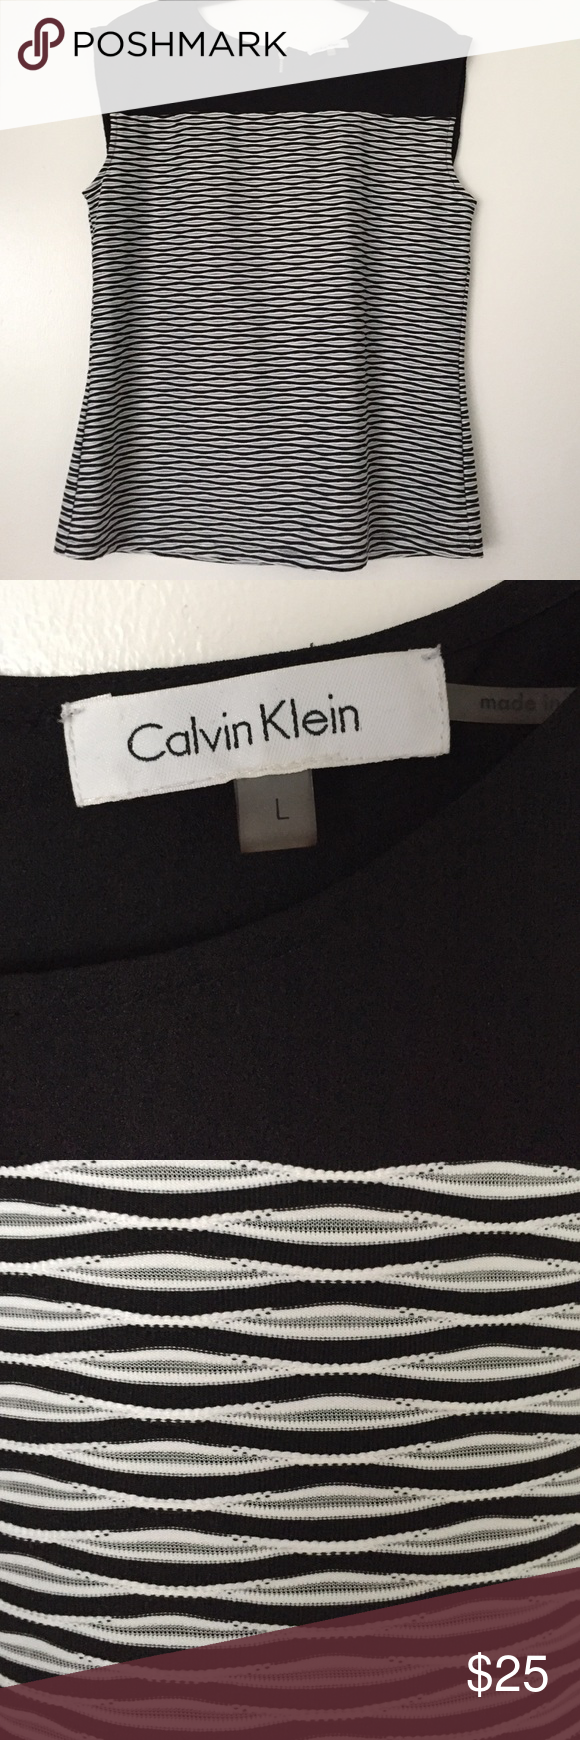 Calvin Klein Sleeveless Top Calvin Klein Sleeveless Blouse Top. Worn a few times. Mint condition!!!! Calvin Klein Tops